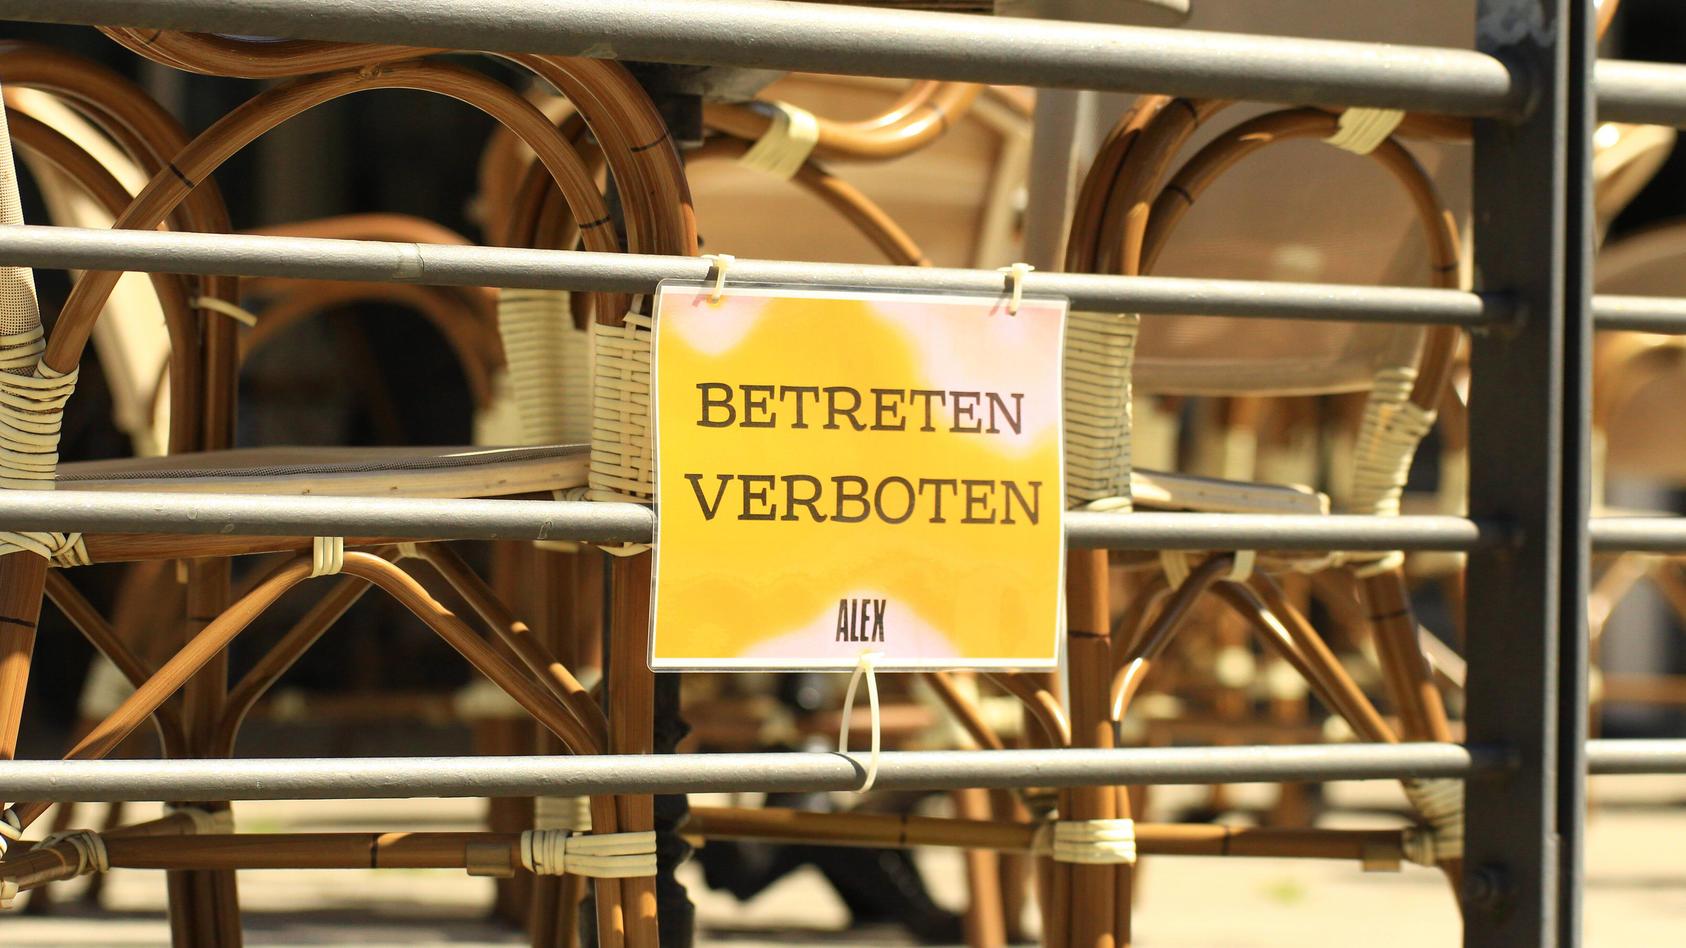 Während des Lockdowns geschlossene Gastronomie in der Hamburger Innenstadt.